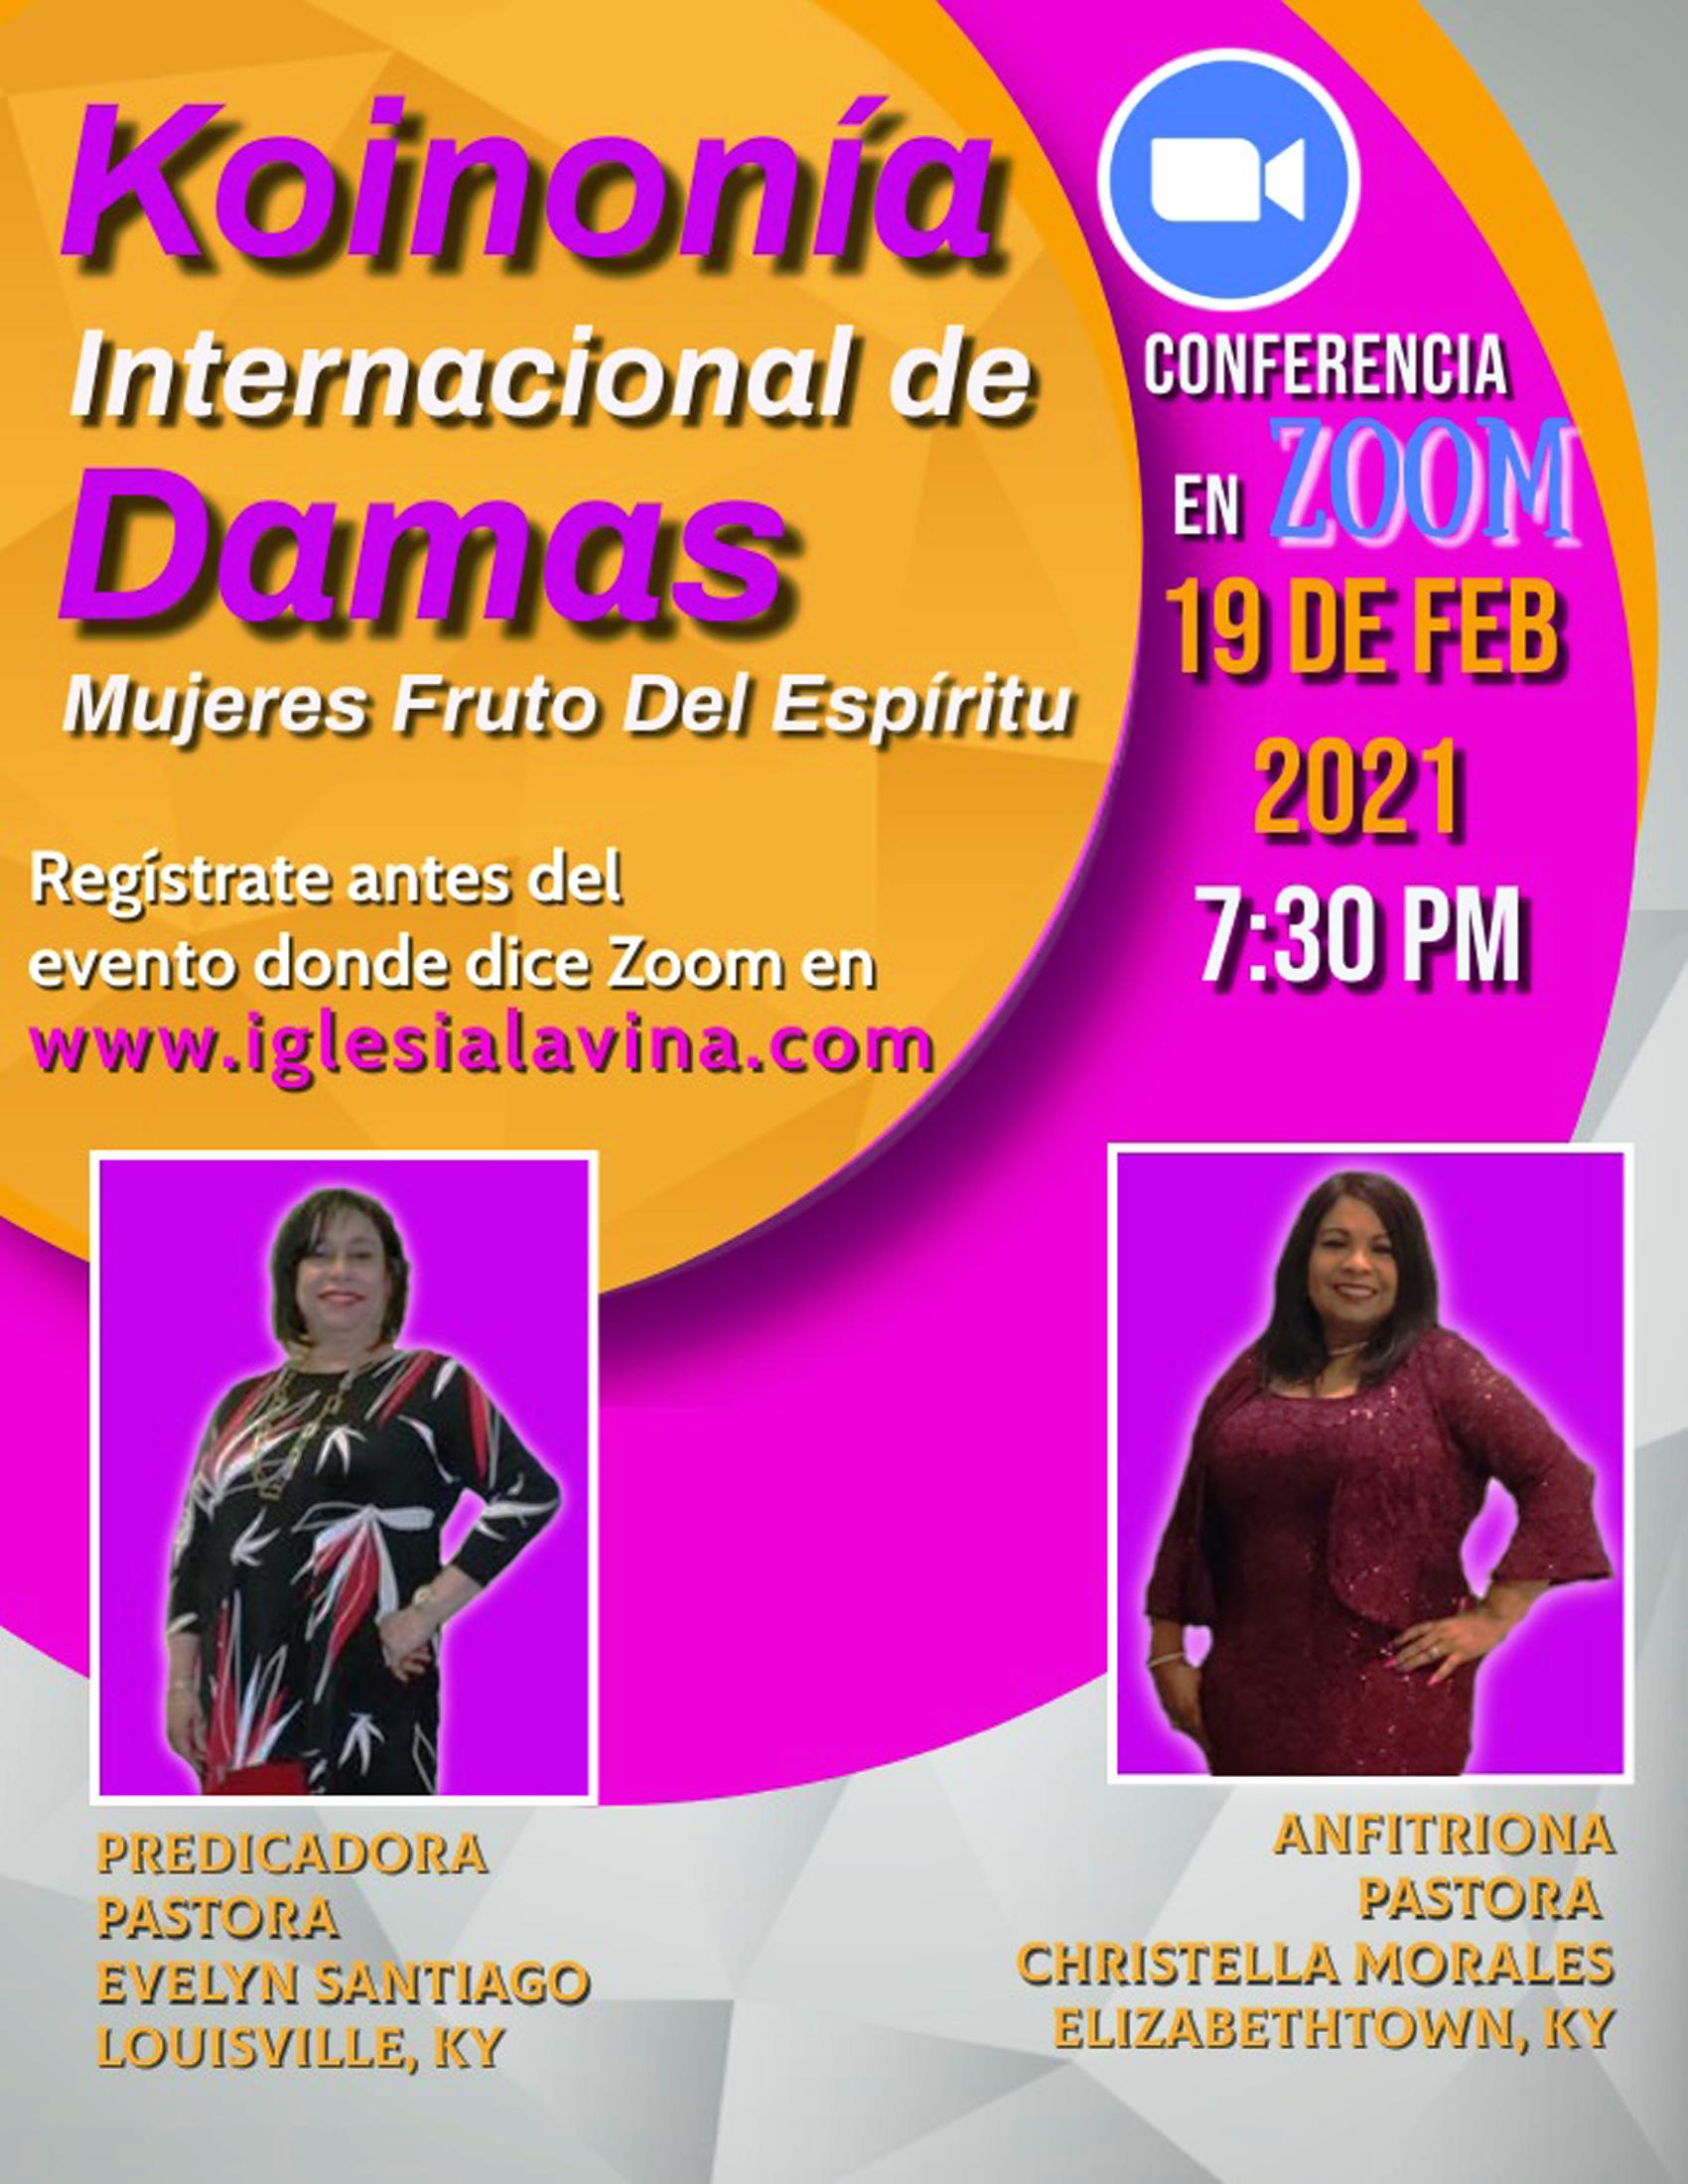 Koinonia de Damas 2-19-2021 - Pastora Ev